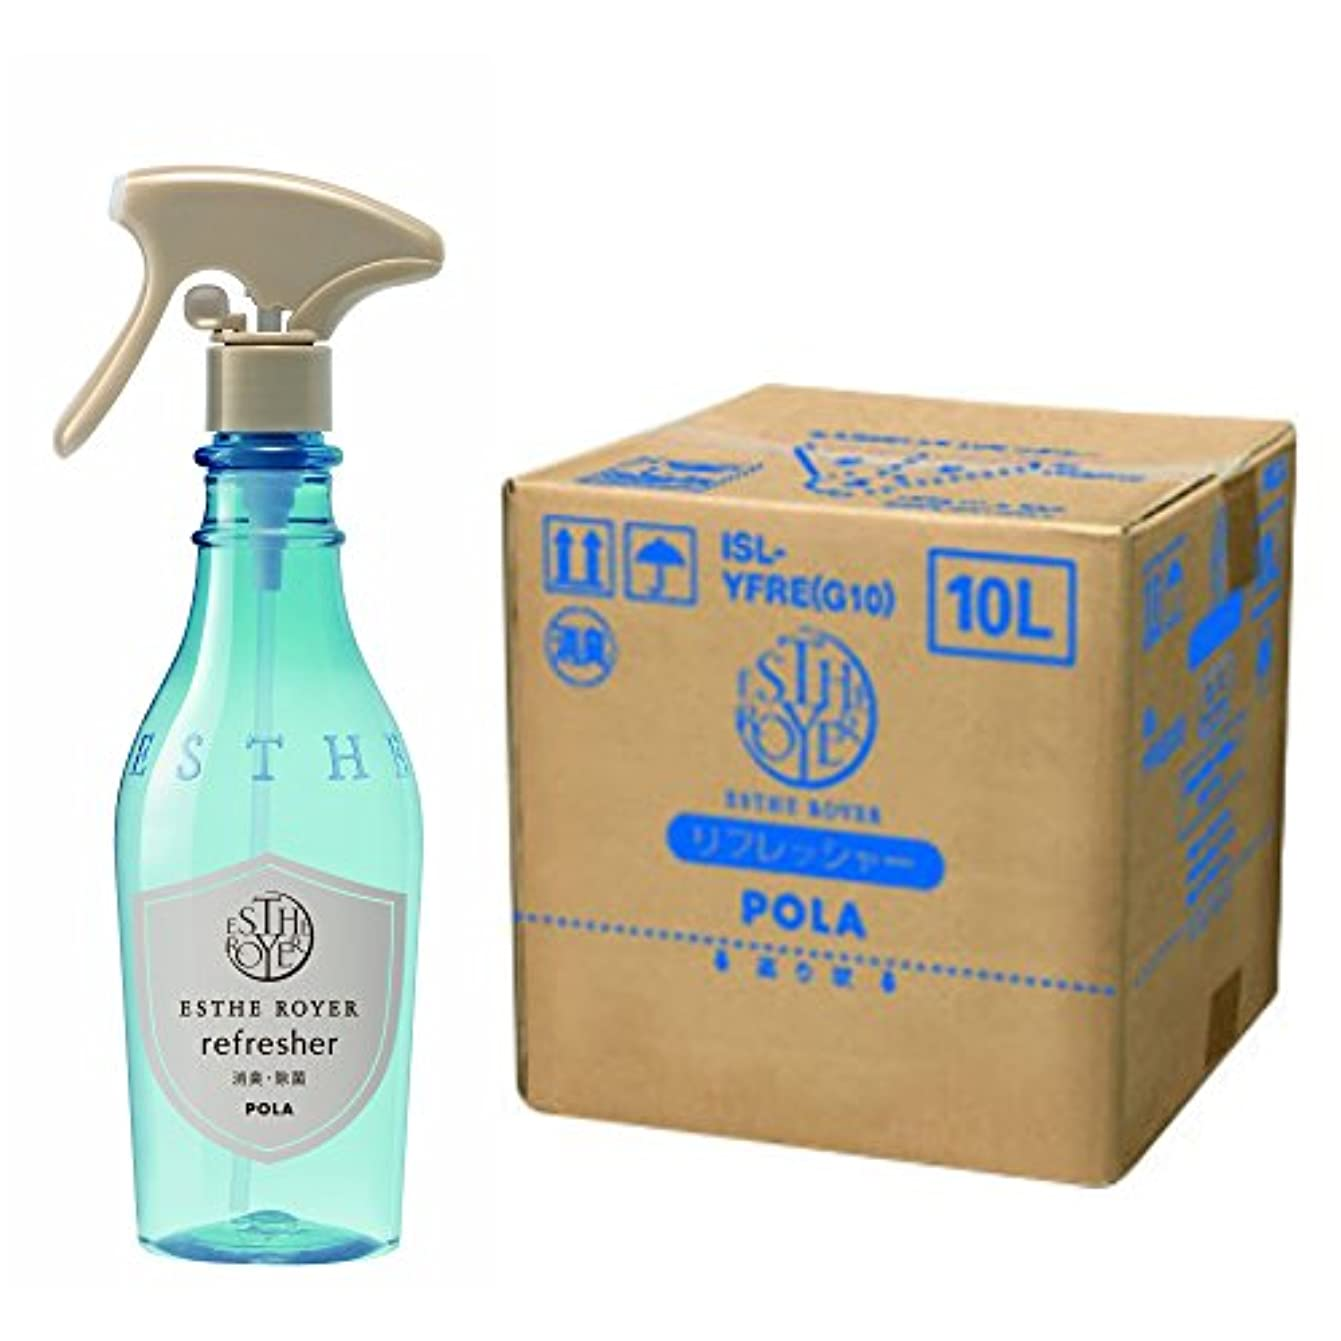 アルコール表面隣人POLA ポーラ エステロワイエ リフレッシャー<衣類?布製品用消臭剤> 業務用 10L×1箱 専用詰め替え容器 400ml 2本付。クローゼット用ハンガー付き。